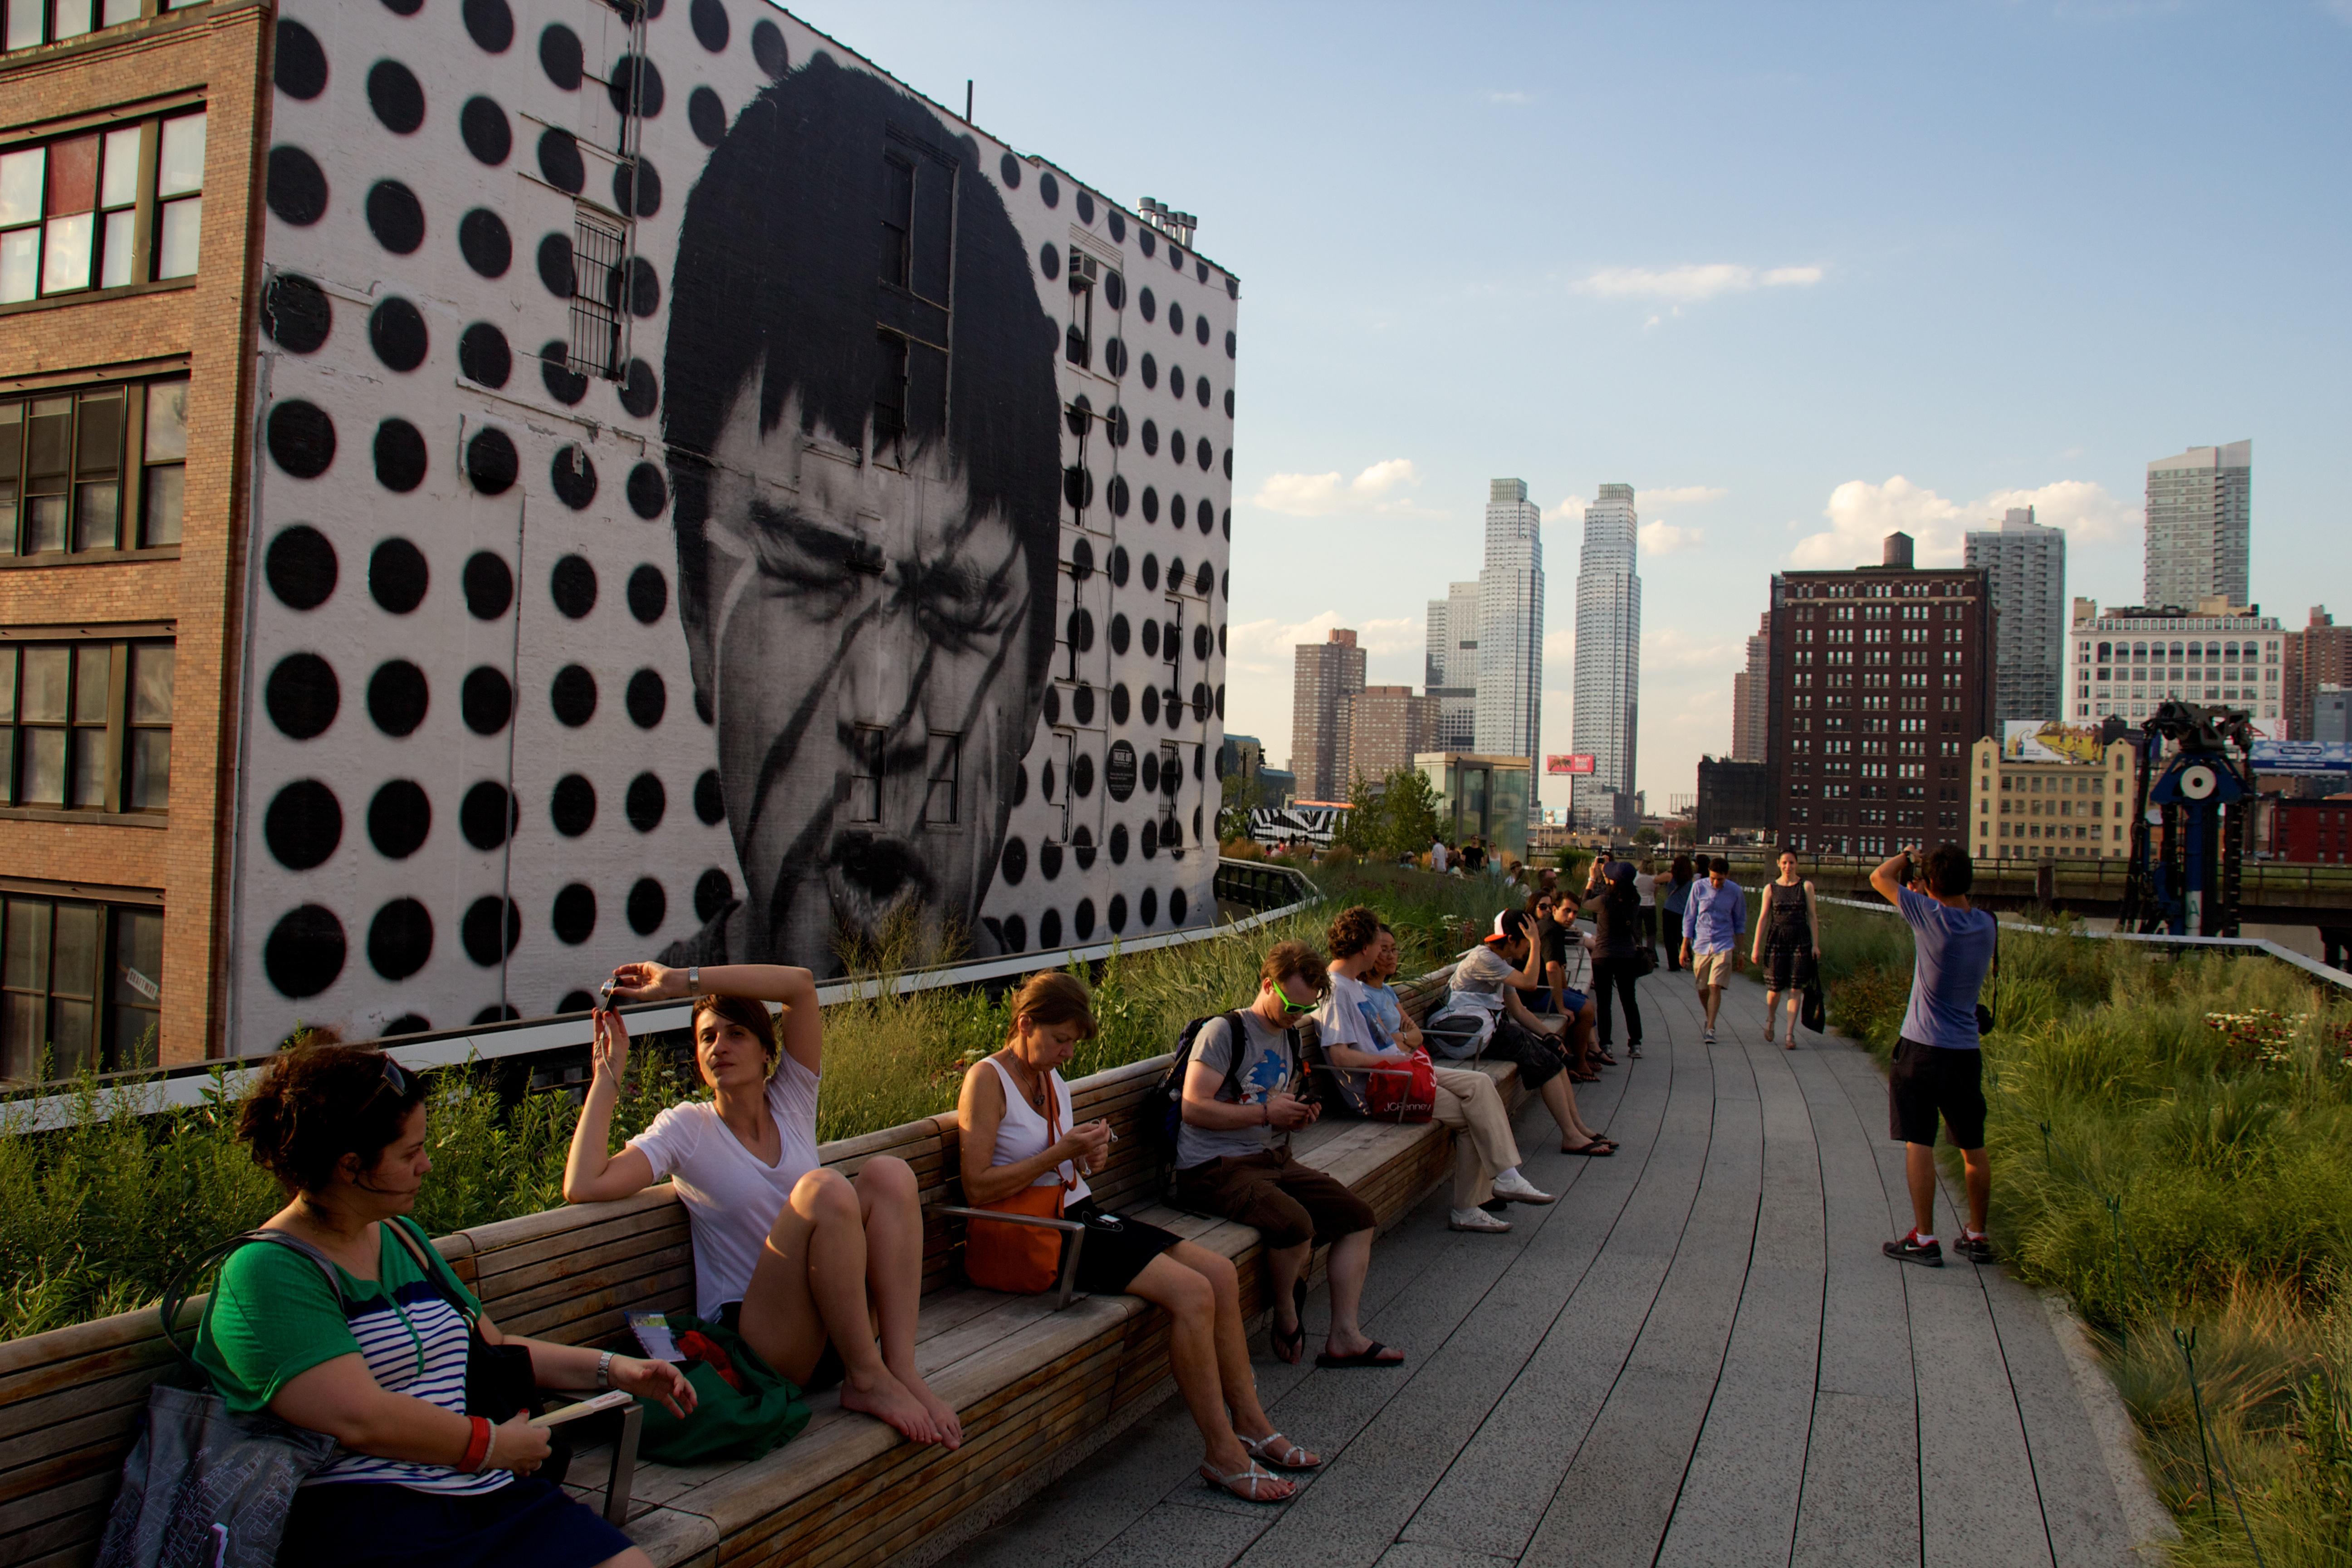 High_Line,_New_York_2012_07